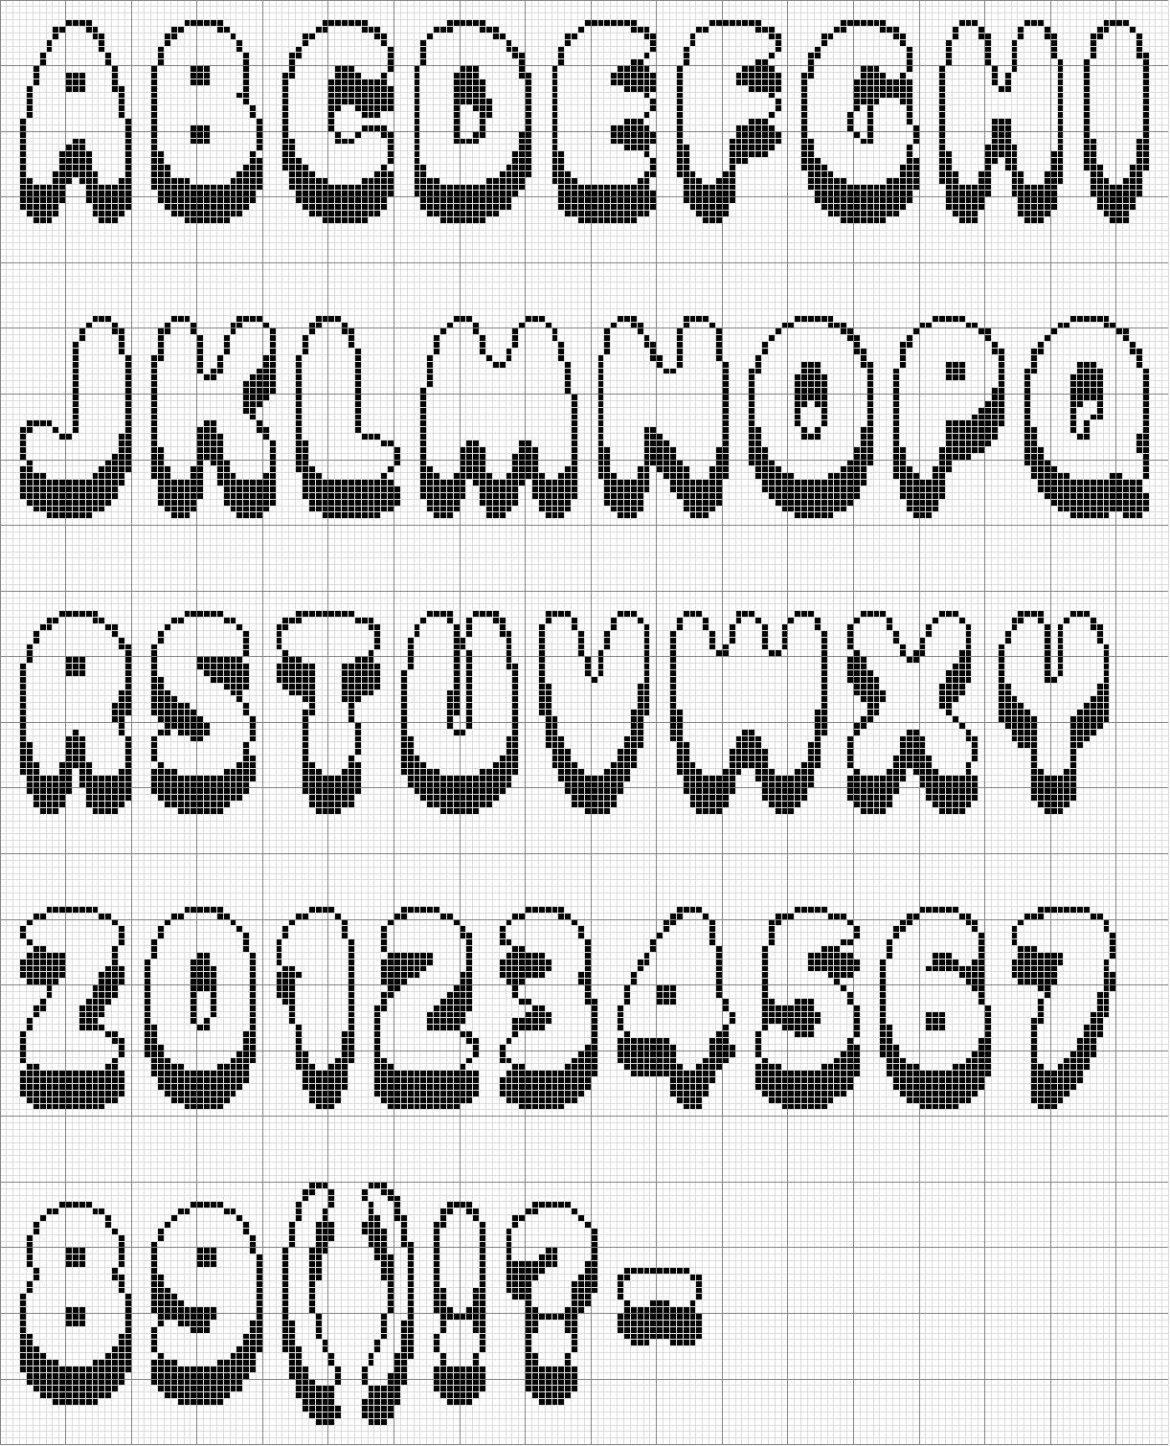 Letras para colorear e imprimir grandes, masquelibros